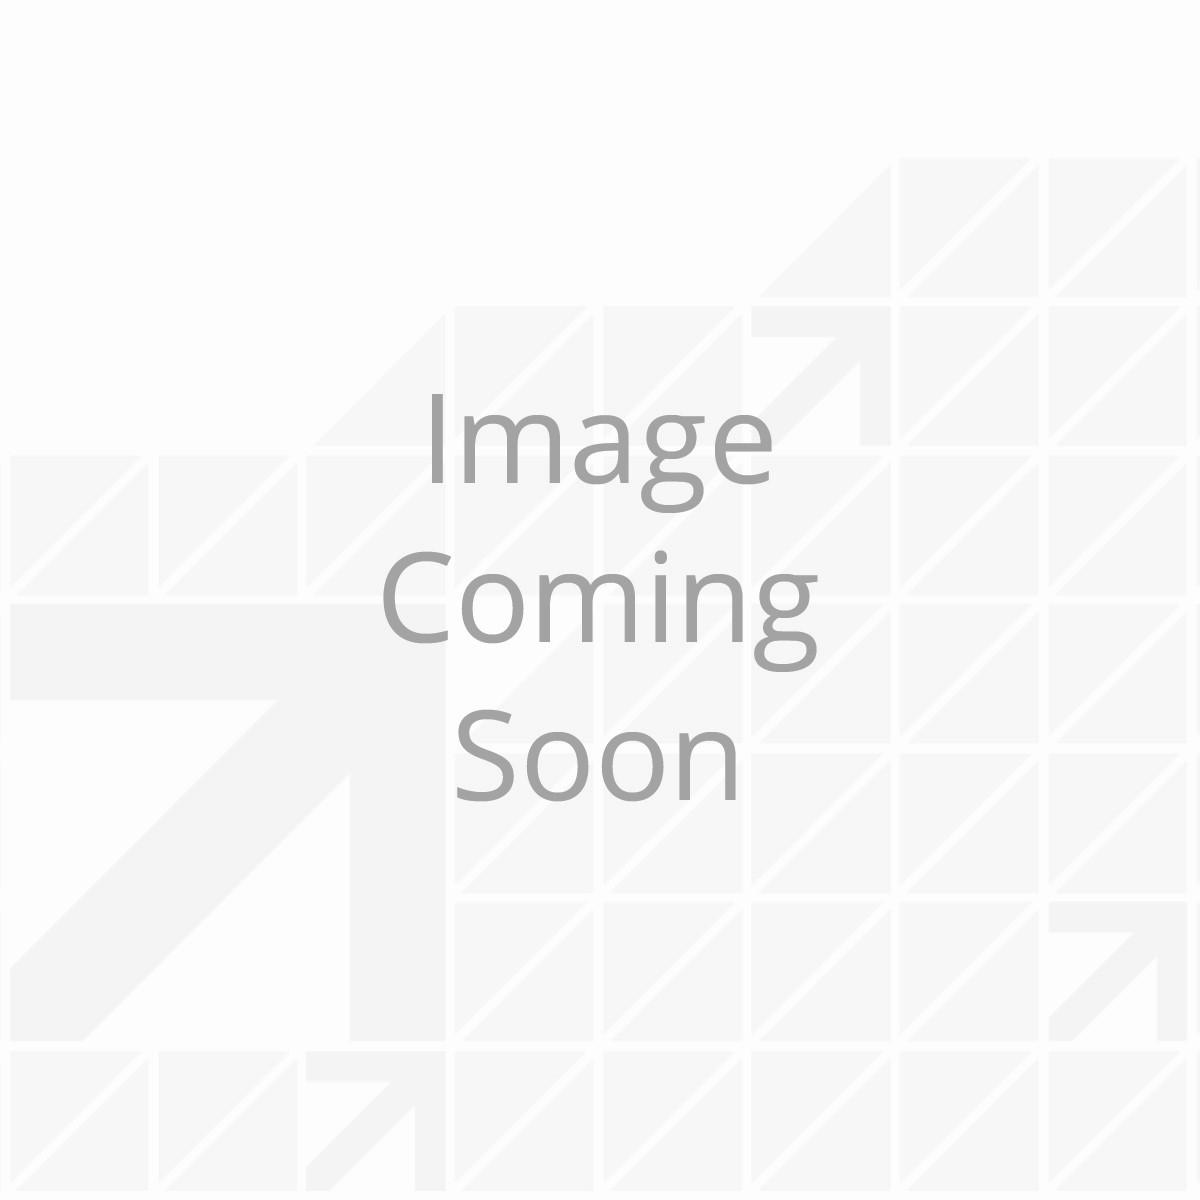 axle_146297